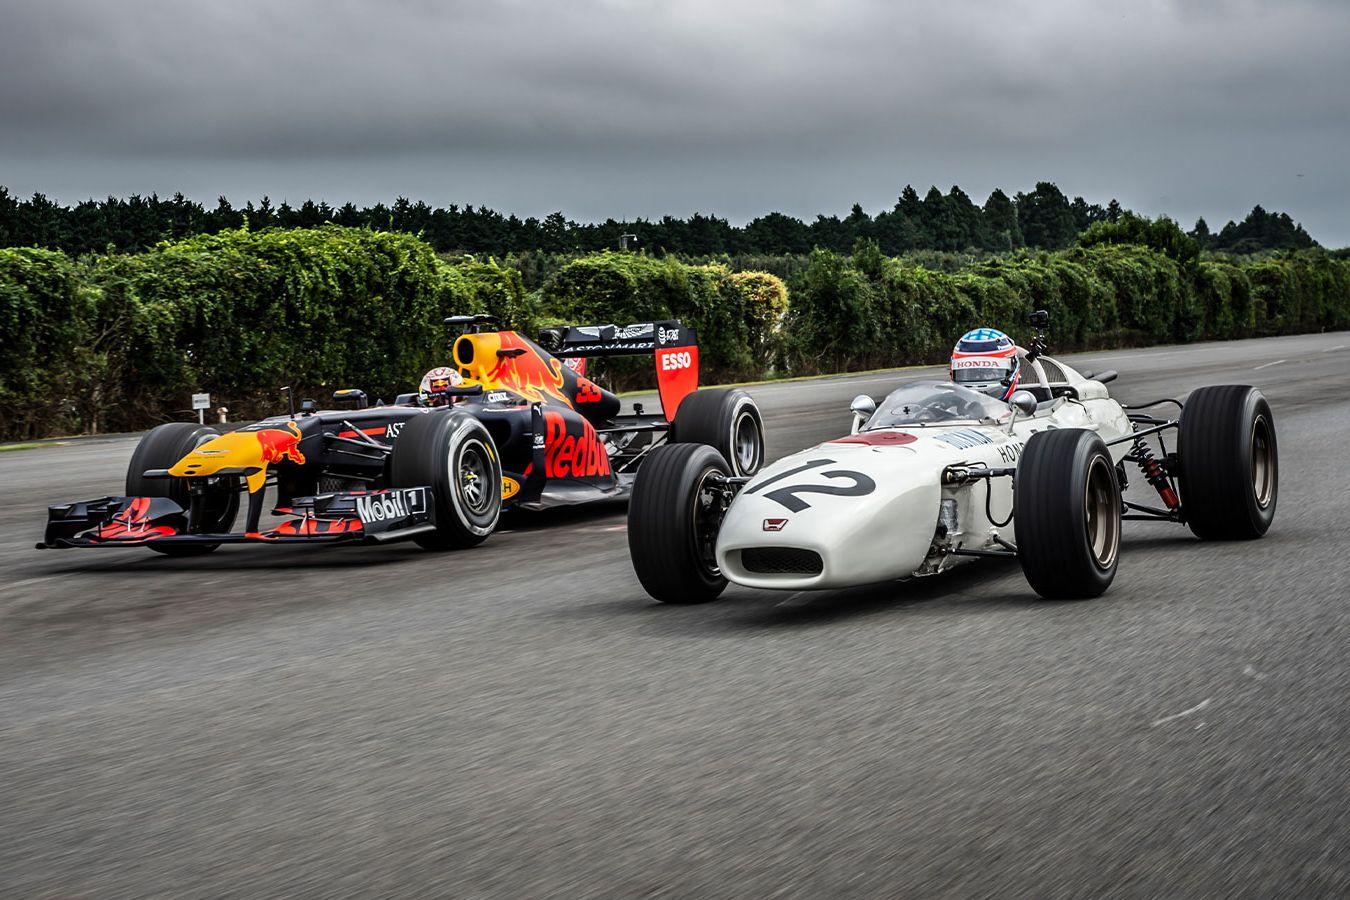 Il ne reste plus qu'une grosse année de collaboration entre Red Bull et Honda